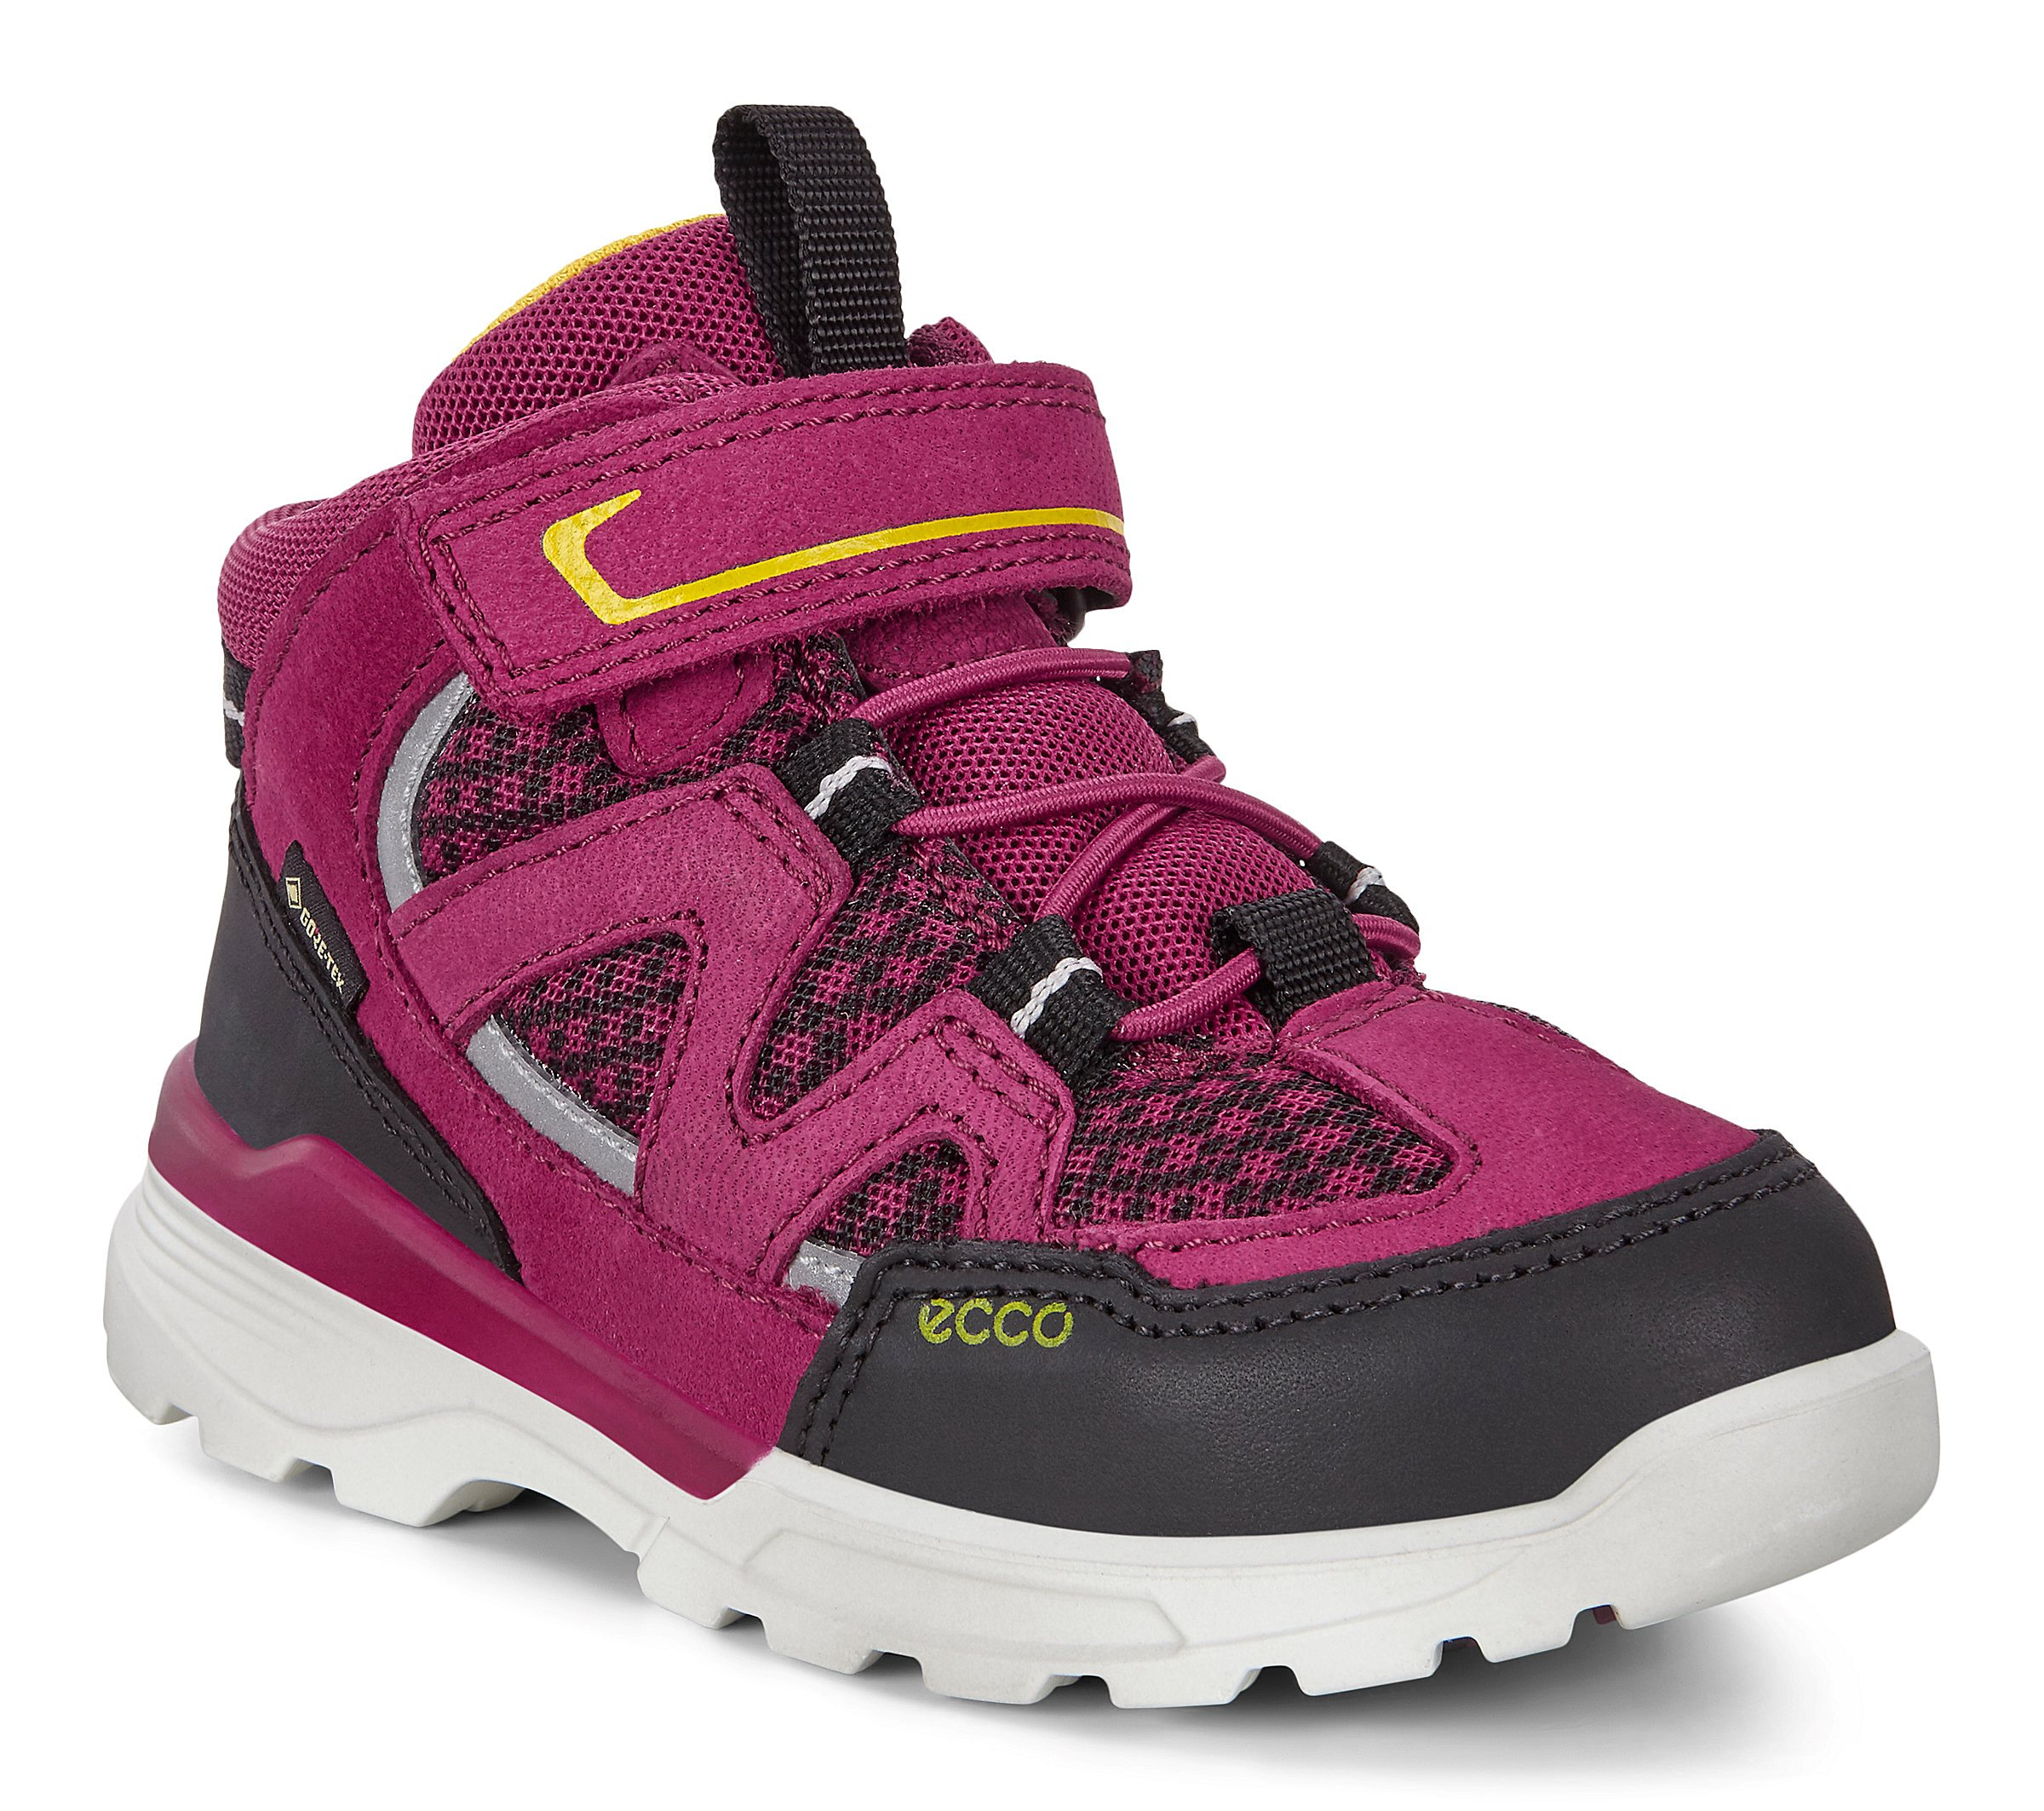 Le Pour EnfantsAchetez Chaussures Sur Site Officiel Ecco® hdtQrCs